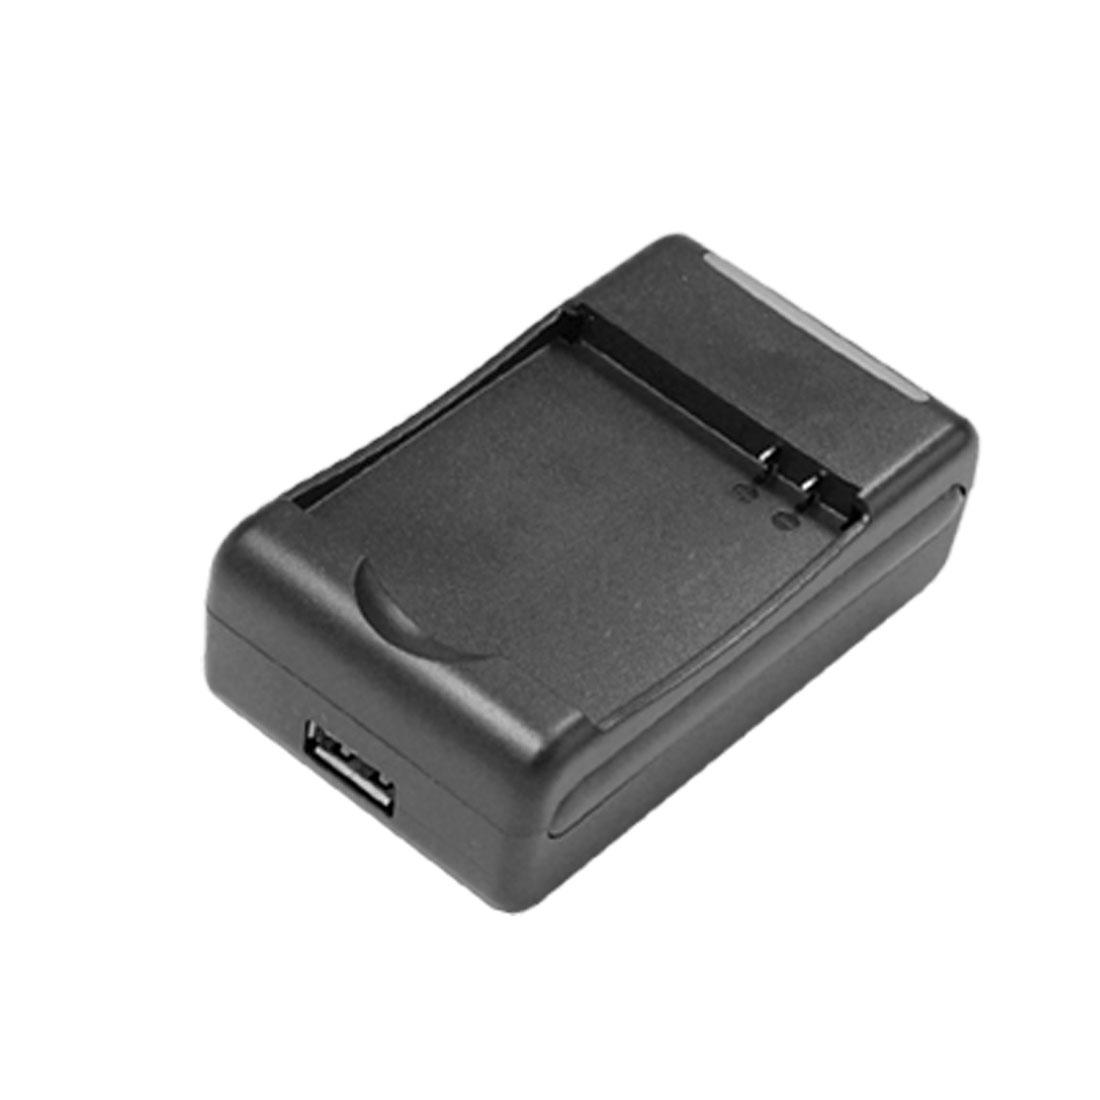 US Plug AC 100V-240V Travel Battery USB Cradle Charger for Motorola XT701 ME601